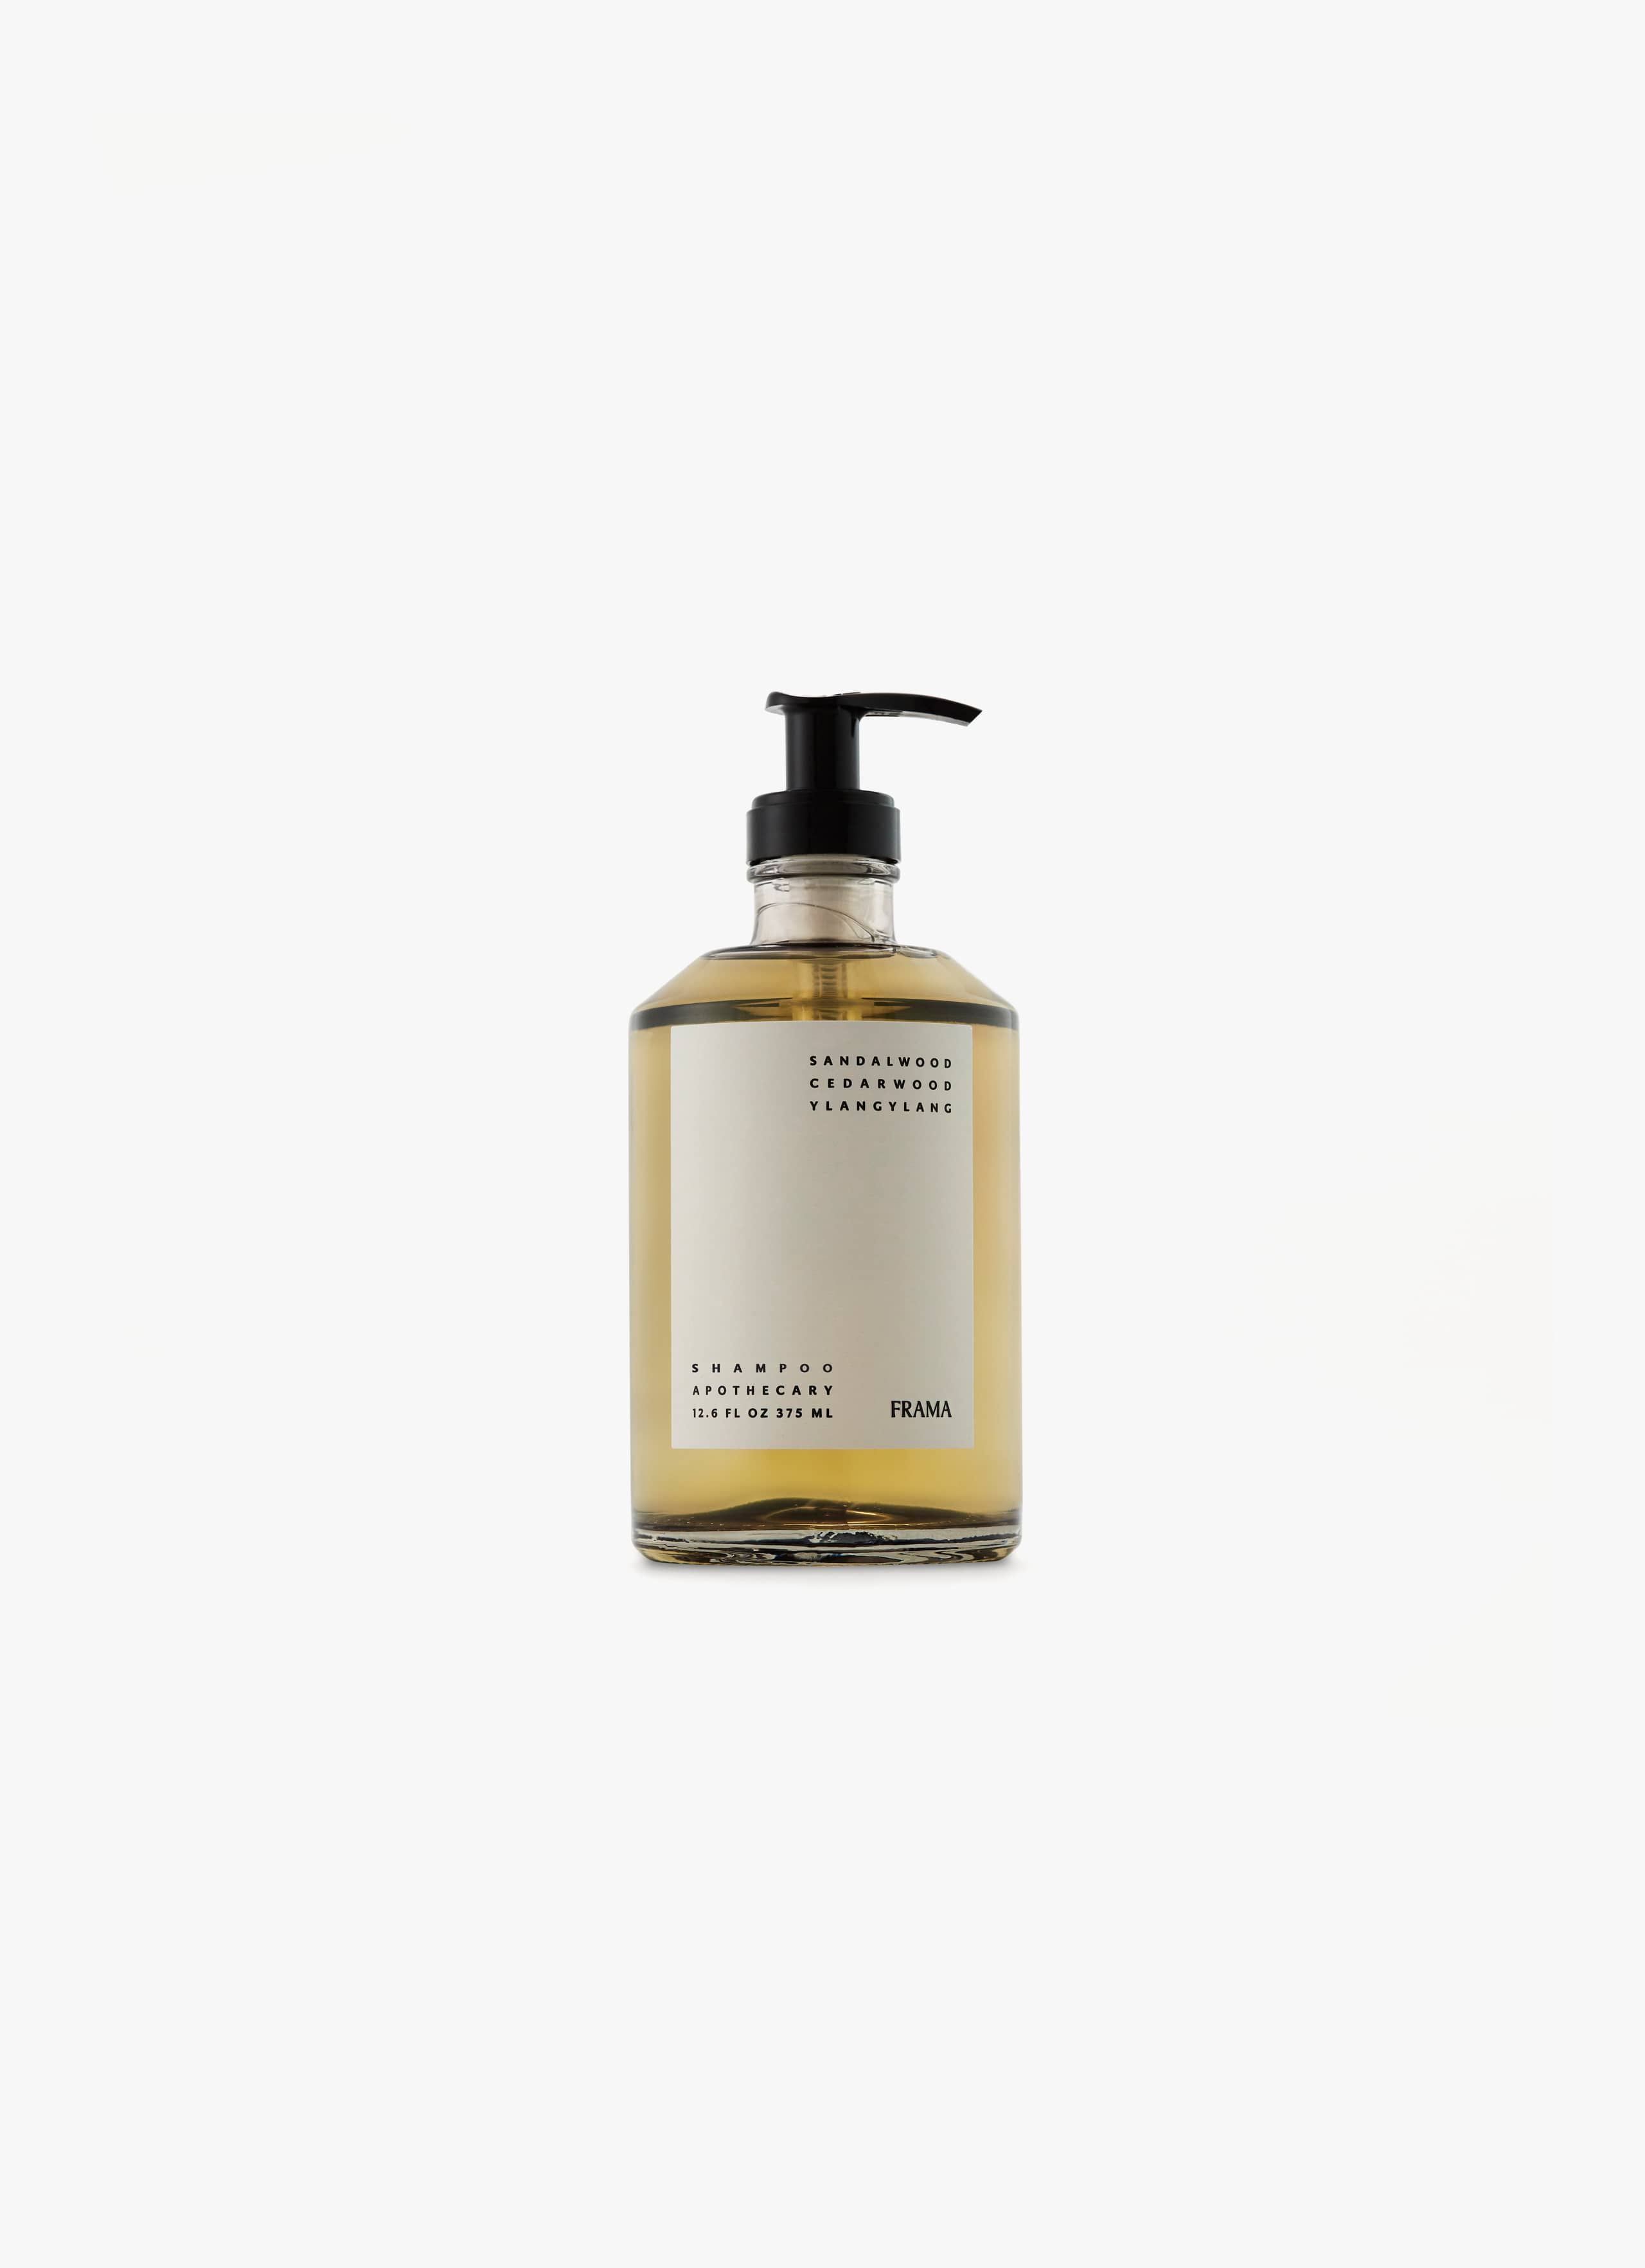 Frama - Apothecary - Shampoo - 375ml